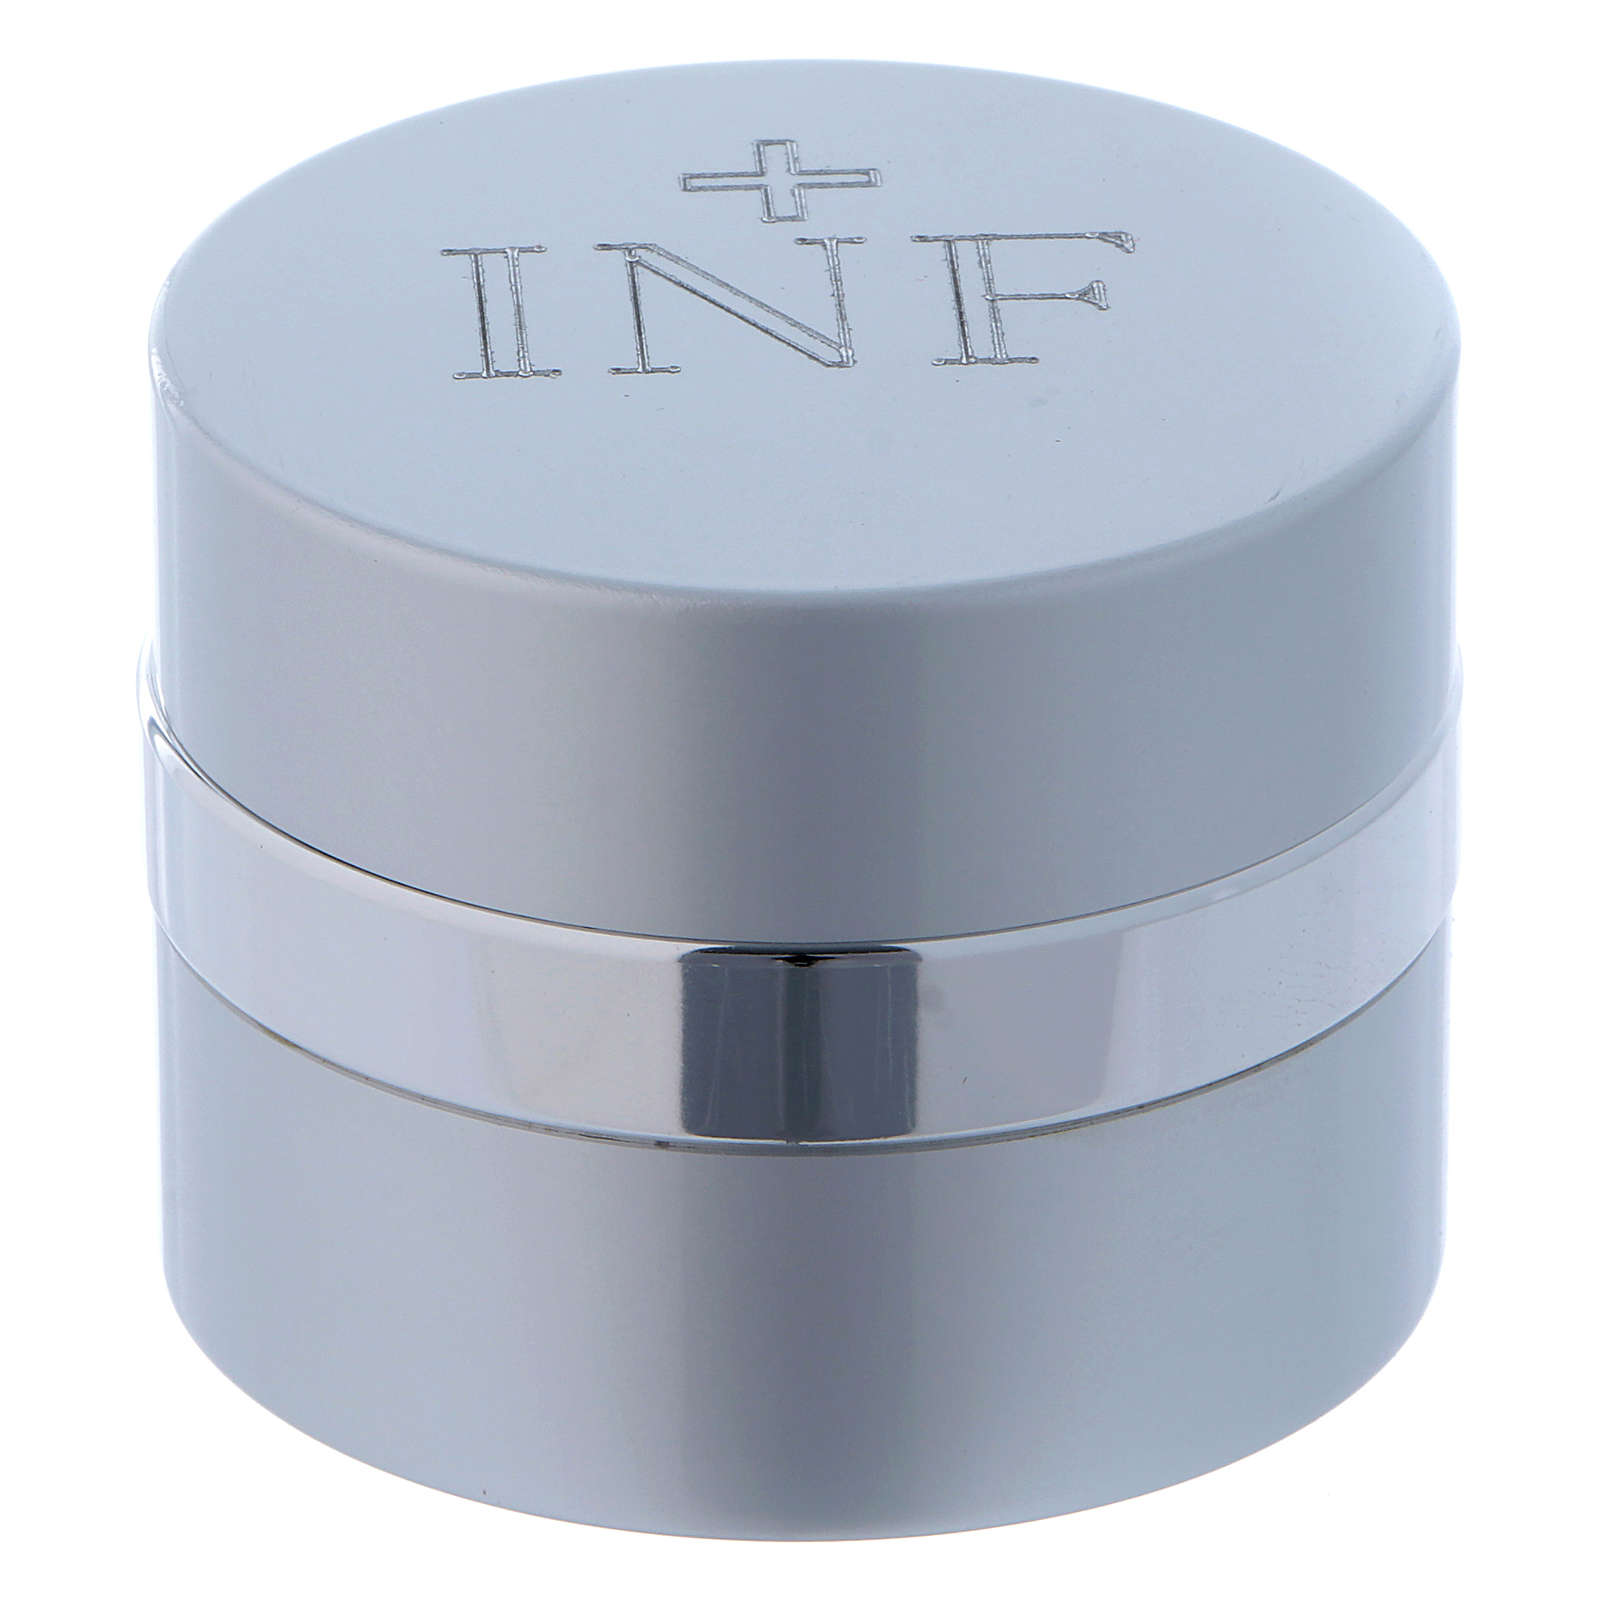 Ampoule pour huiles saintes ronde aluminium argenté diamètre 5 cm 3